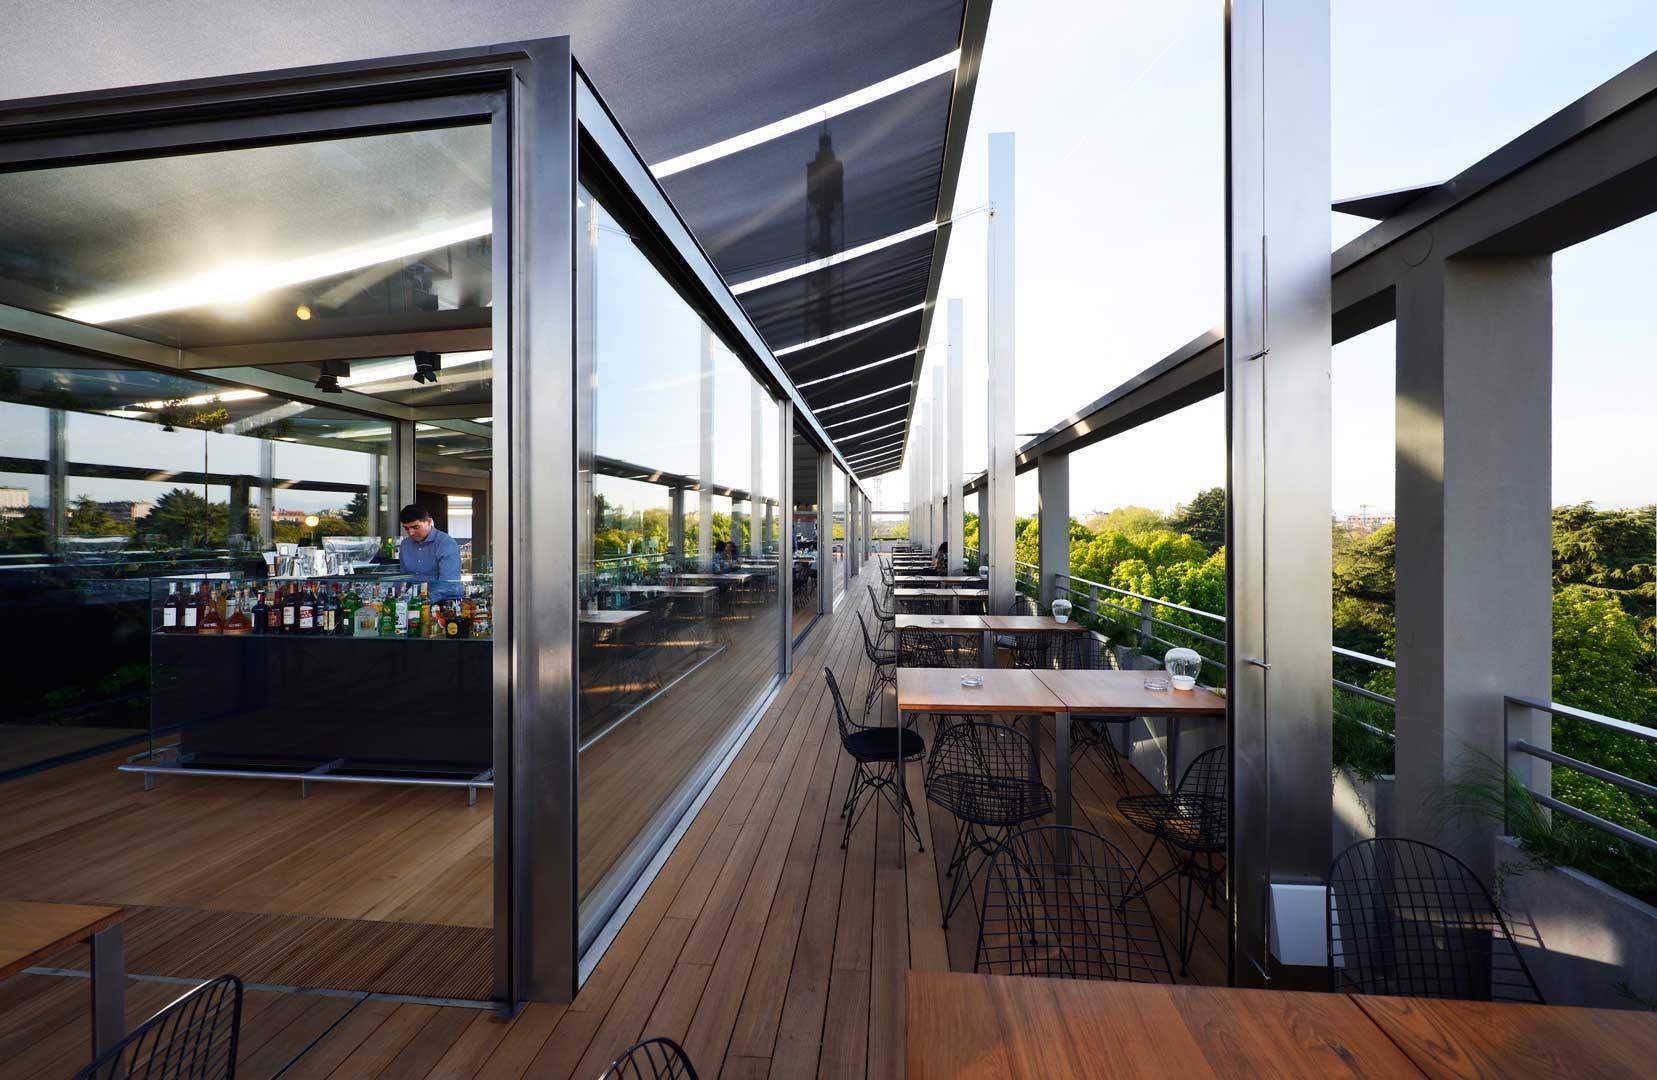 Terrazza triennale osteria con vista flawless milano for Viale alemagna 6 milano